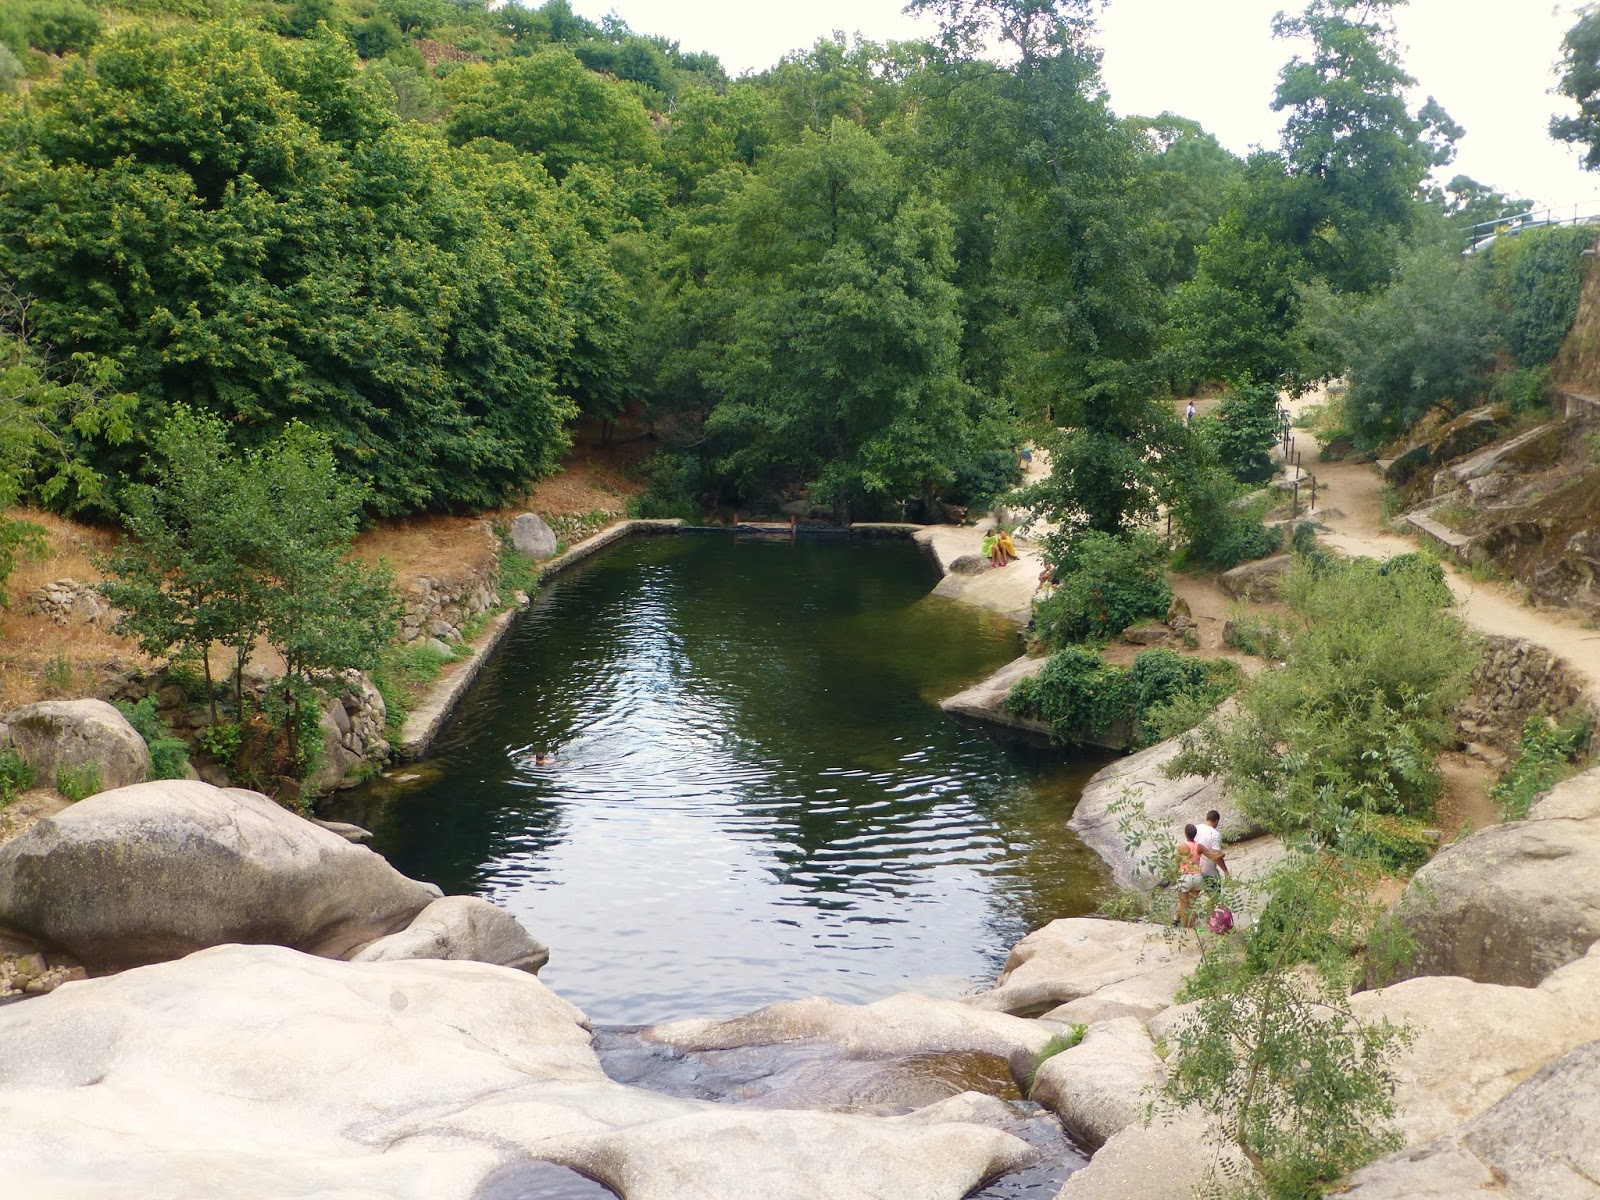 Carretera y manta viajes y caminatas piscinas naturales for Piscinas naturales extremadura